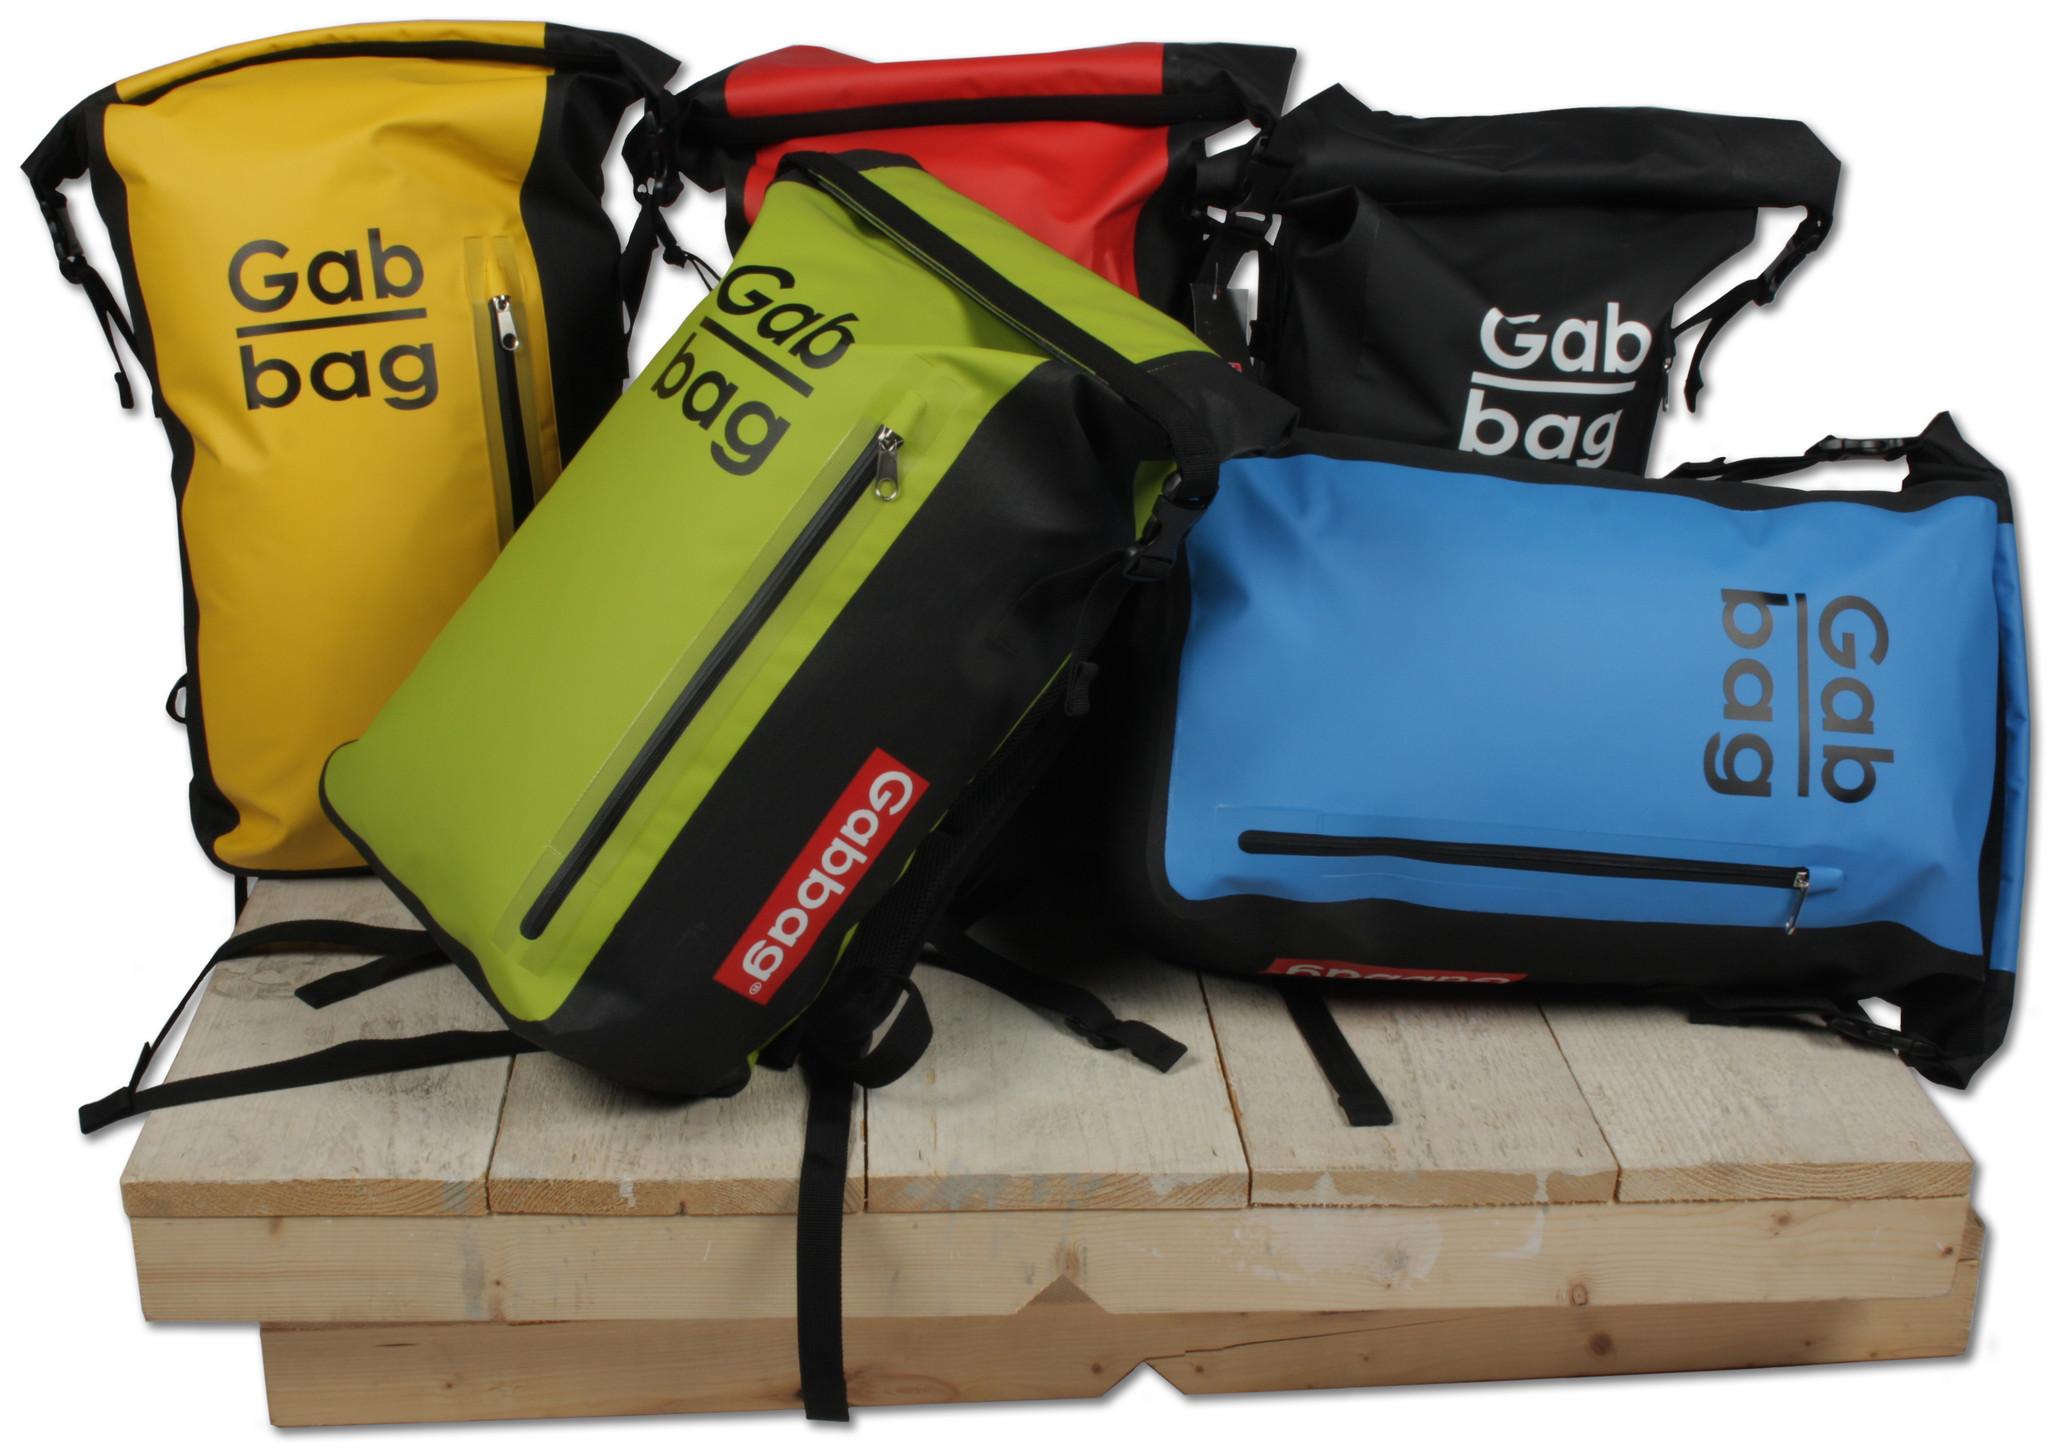 Schoudertassen Waterdicht : Een waterdichte rugzak kopen backpackspullen